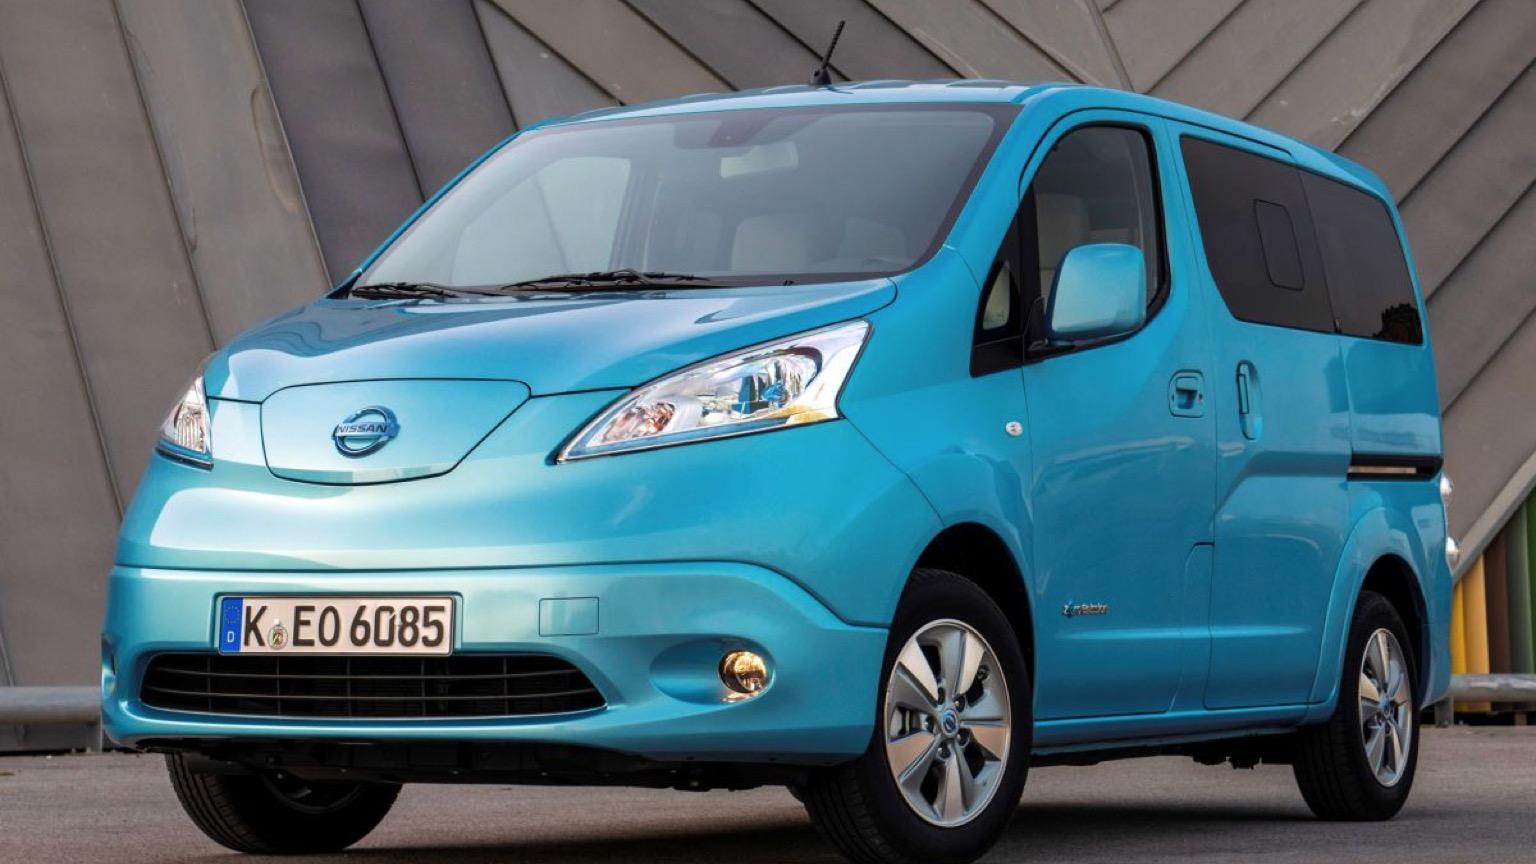 Nissan e-NV200 Evalia (2014)